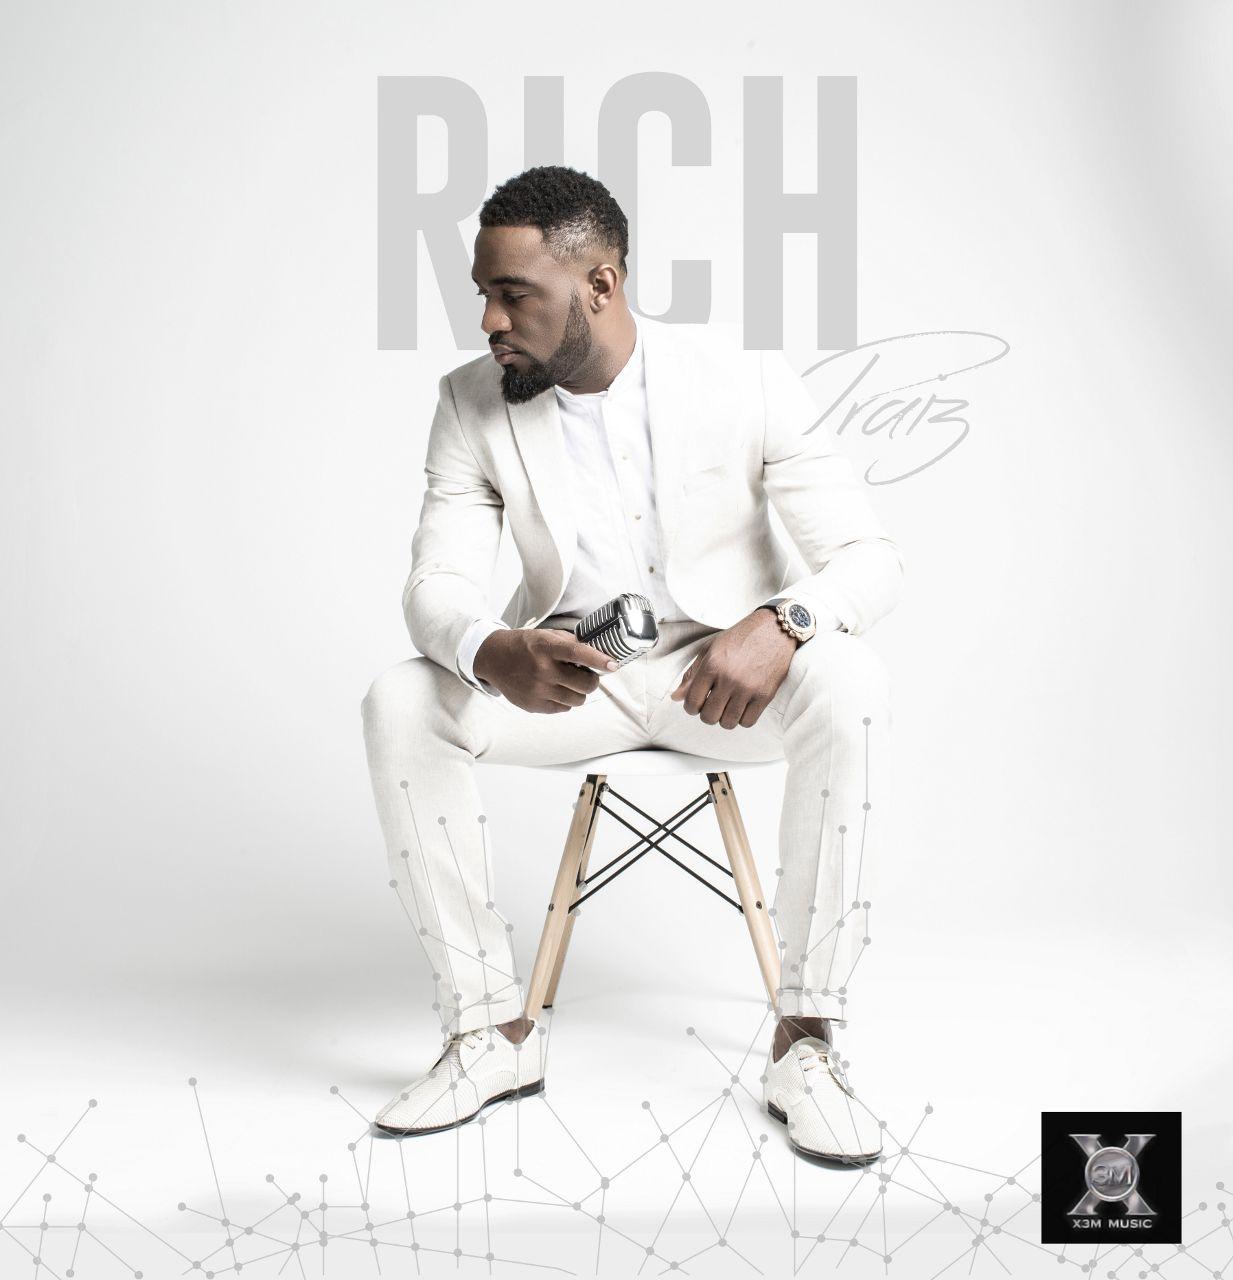 Praiz - Rich (Album Art)-Front